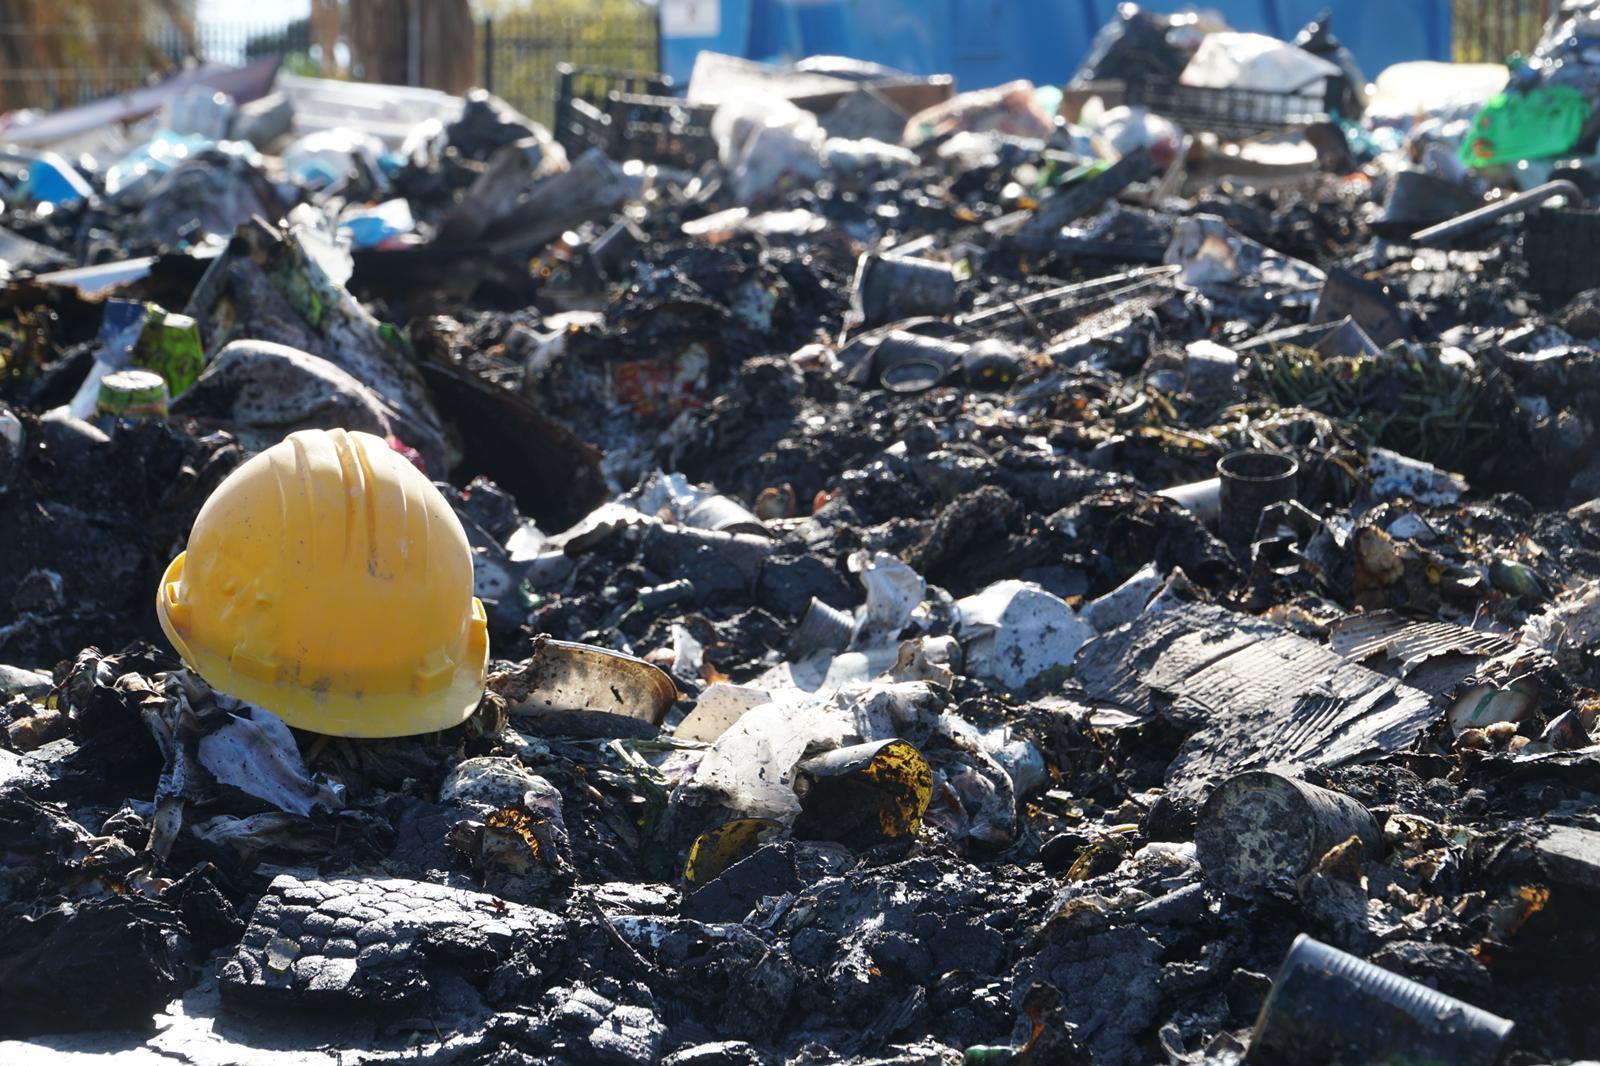 Torre del Greco, bruciati cumuli di rifiuti abbandonati